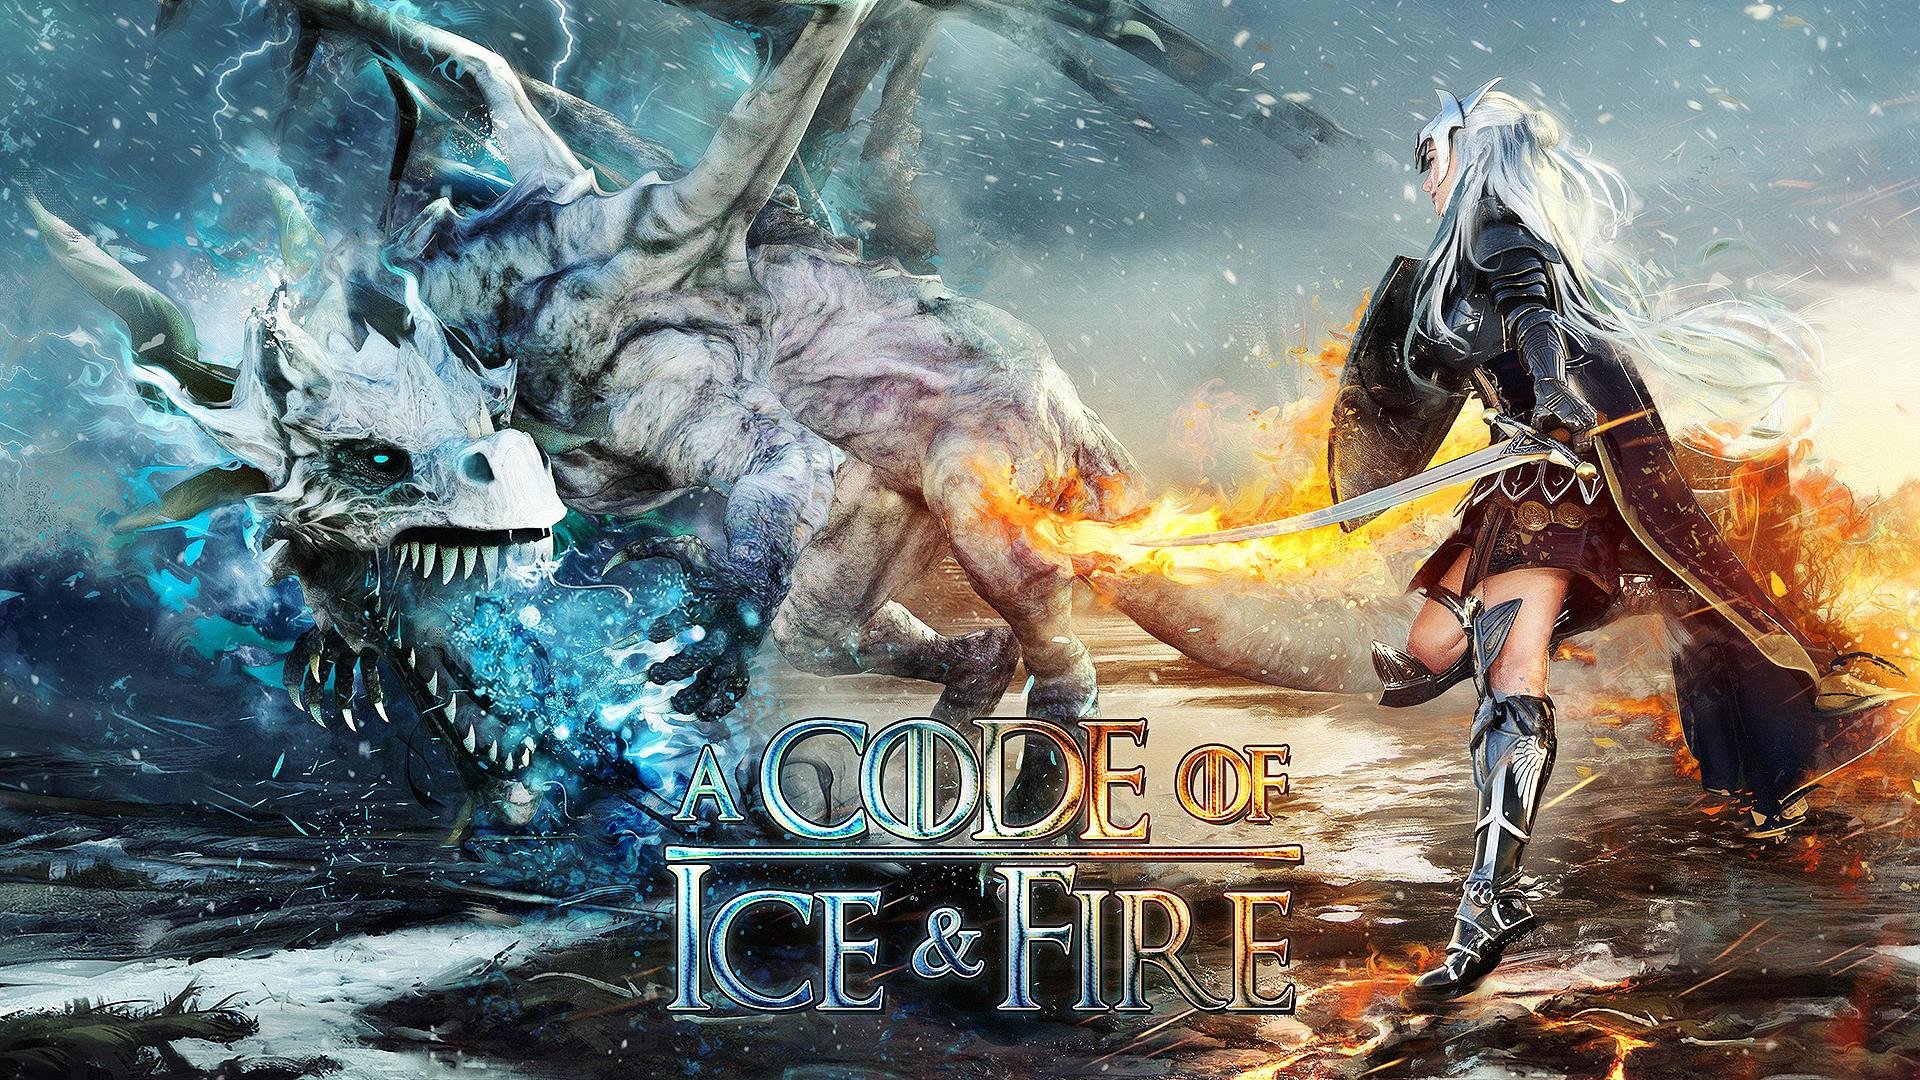 ICE&FIRE-yayashin-codingame